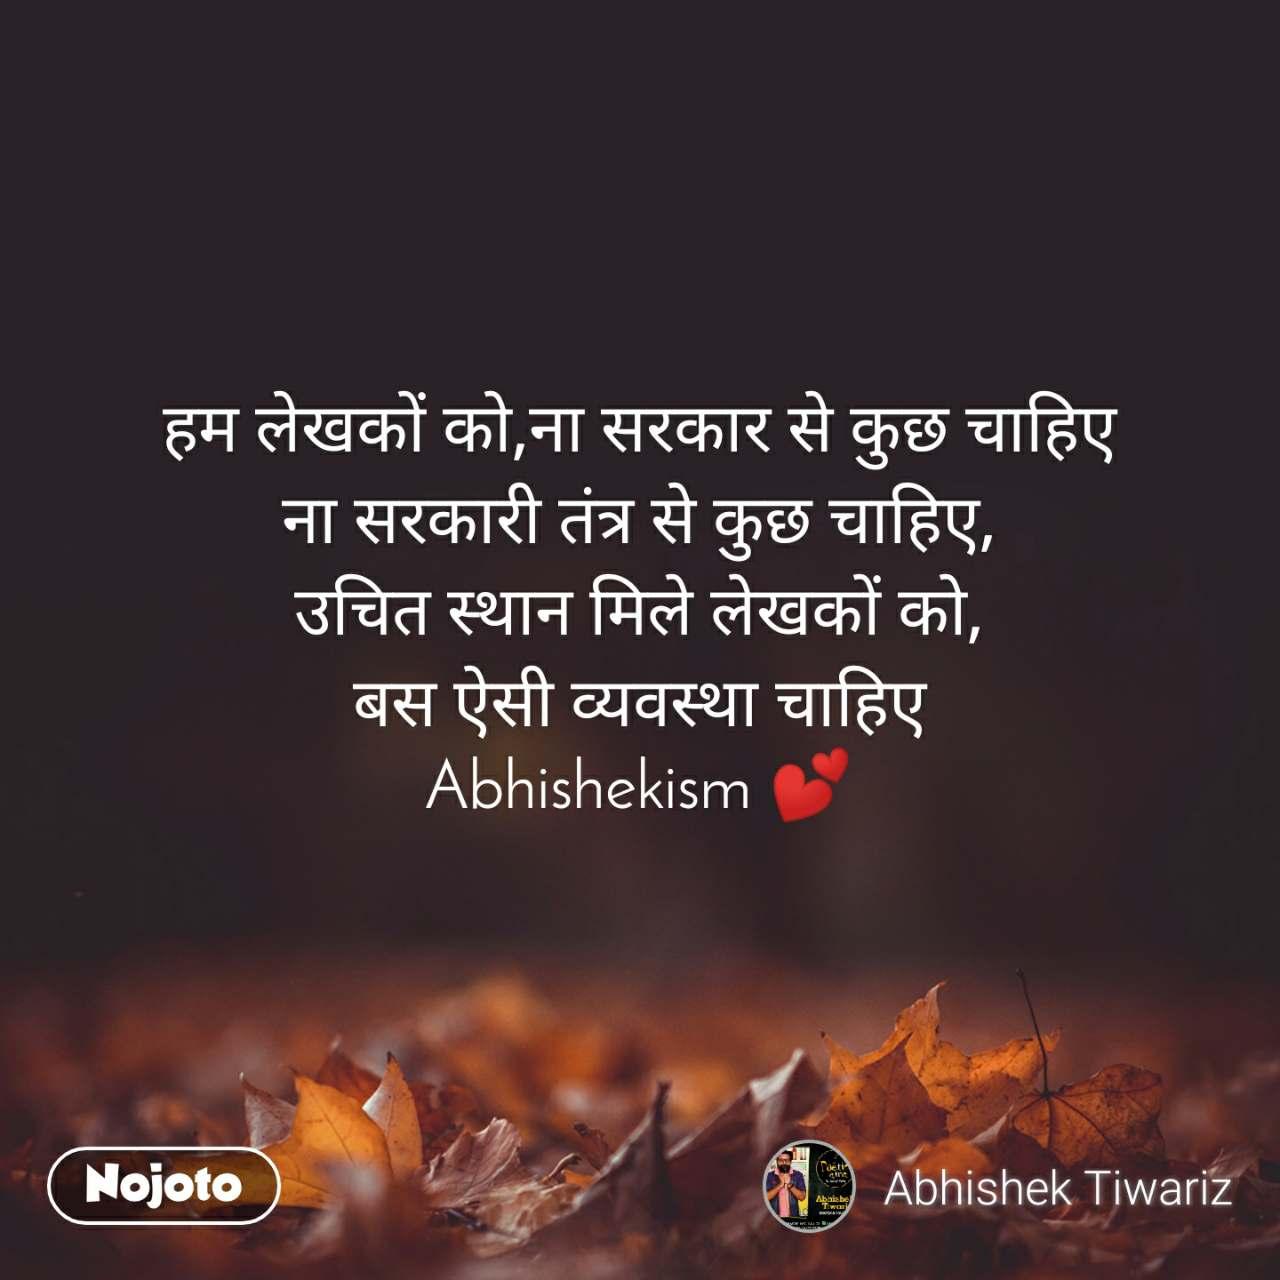 हम लेखकों को,ना सरकार से कुछ चाहिए ना सरकारी तंत्र से कुछ चाहिए, उचित स्थान मिले लेखकों को, बस ऐसी व्यवस्था चाहिए Abhishekism 💕